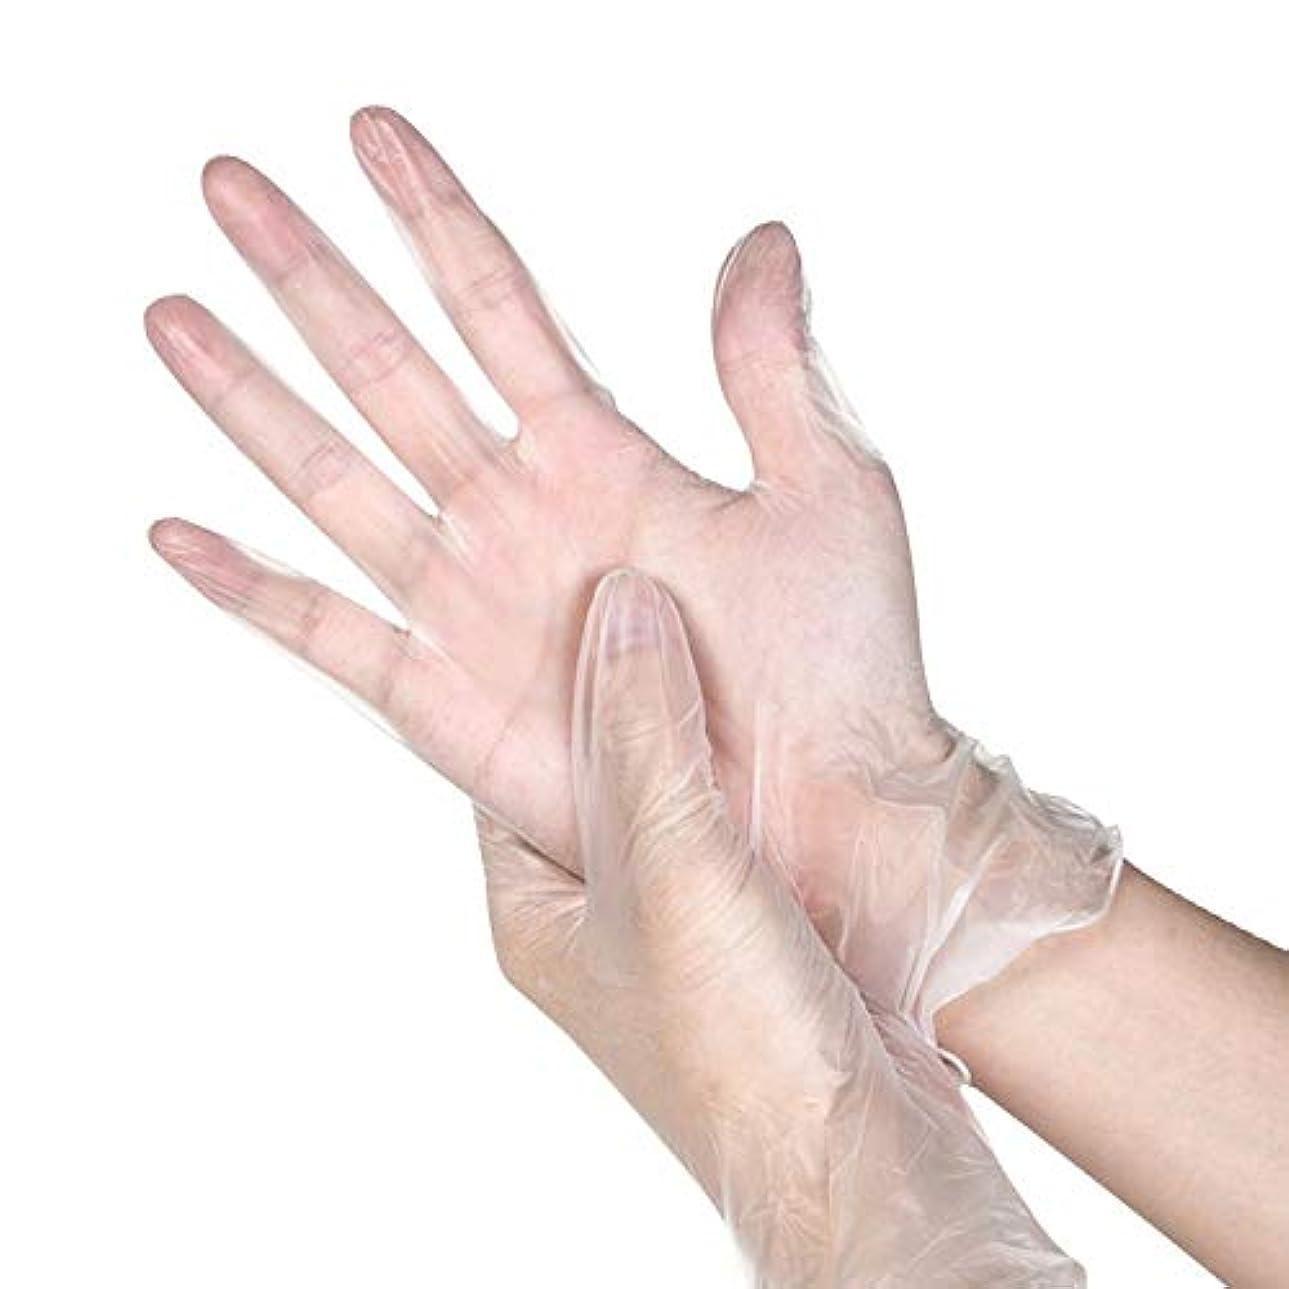 恨み平方汗100組の透明なポリ塩化ビニールの手袋粉のないA等級の防水および耐油の使い捨て可能な食糧美容院のビニールの手袋 YANW (色 : トランスペアレント, サイズ さいず : M m)